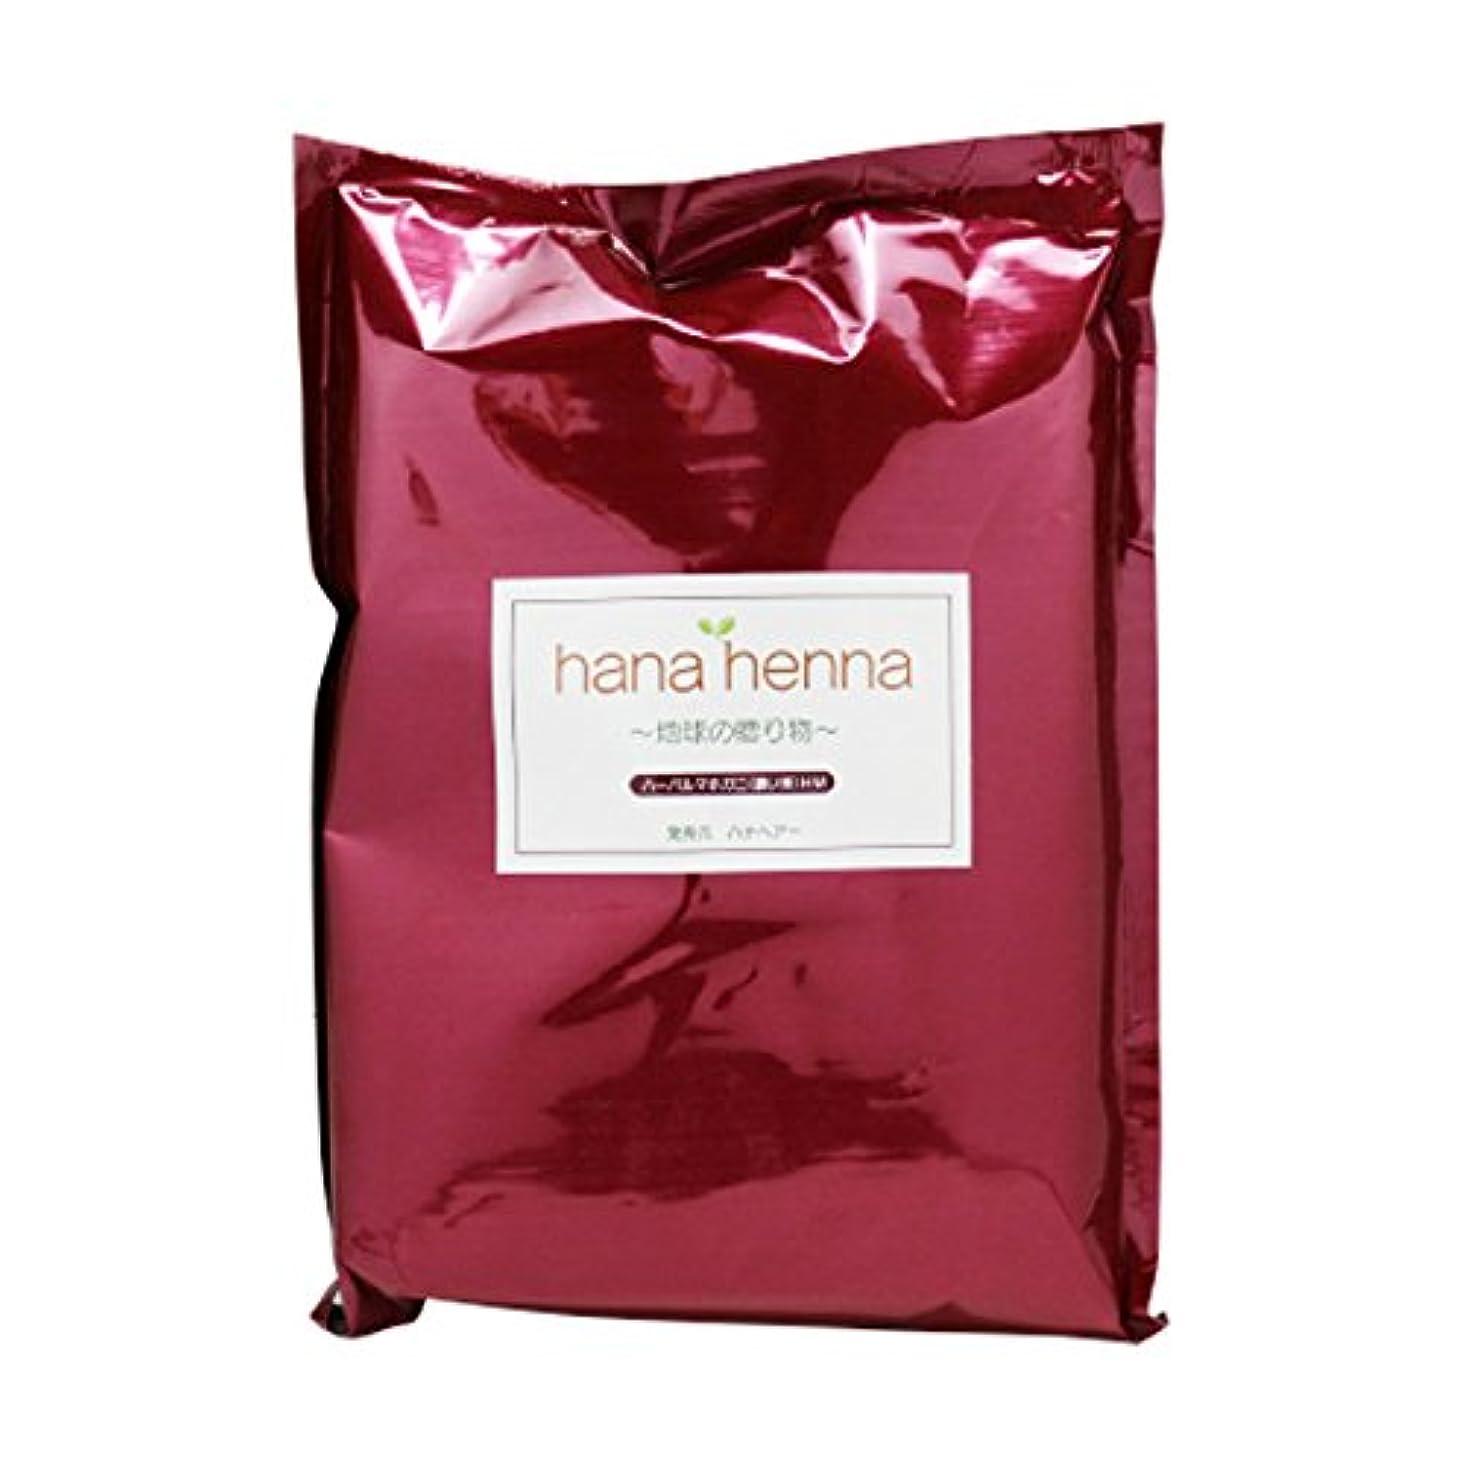 破滅文字偏見hanahenna ハーバルマホガニー HM(濃い茶) 100g